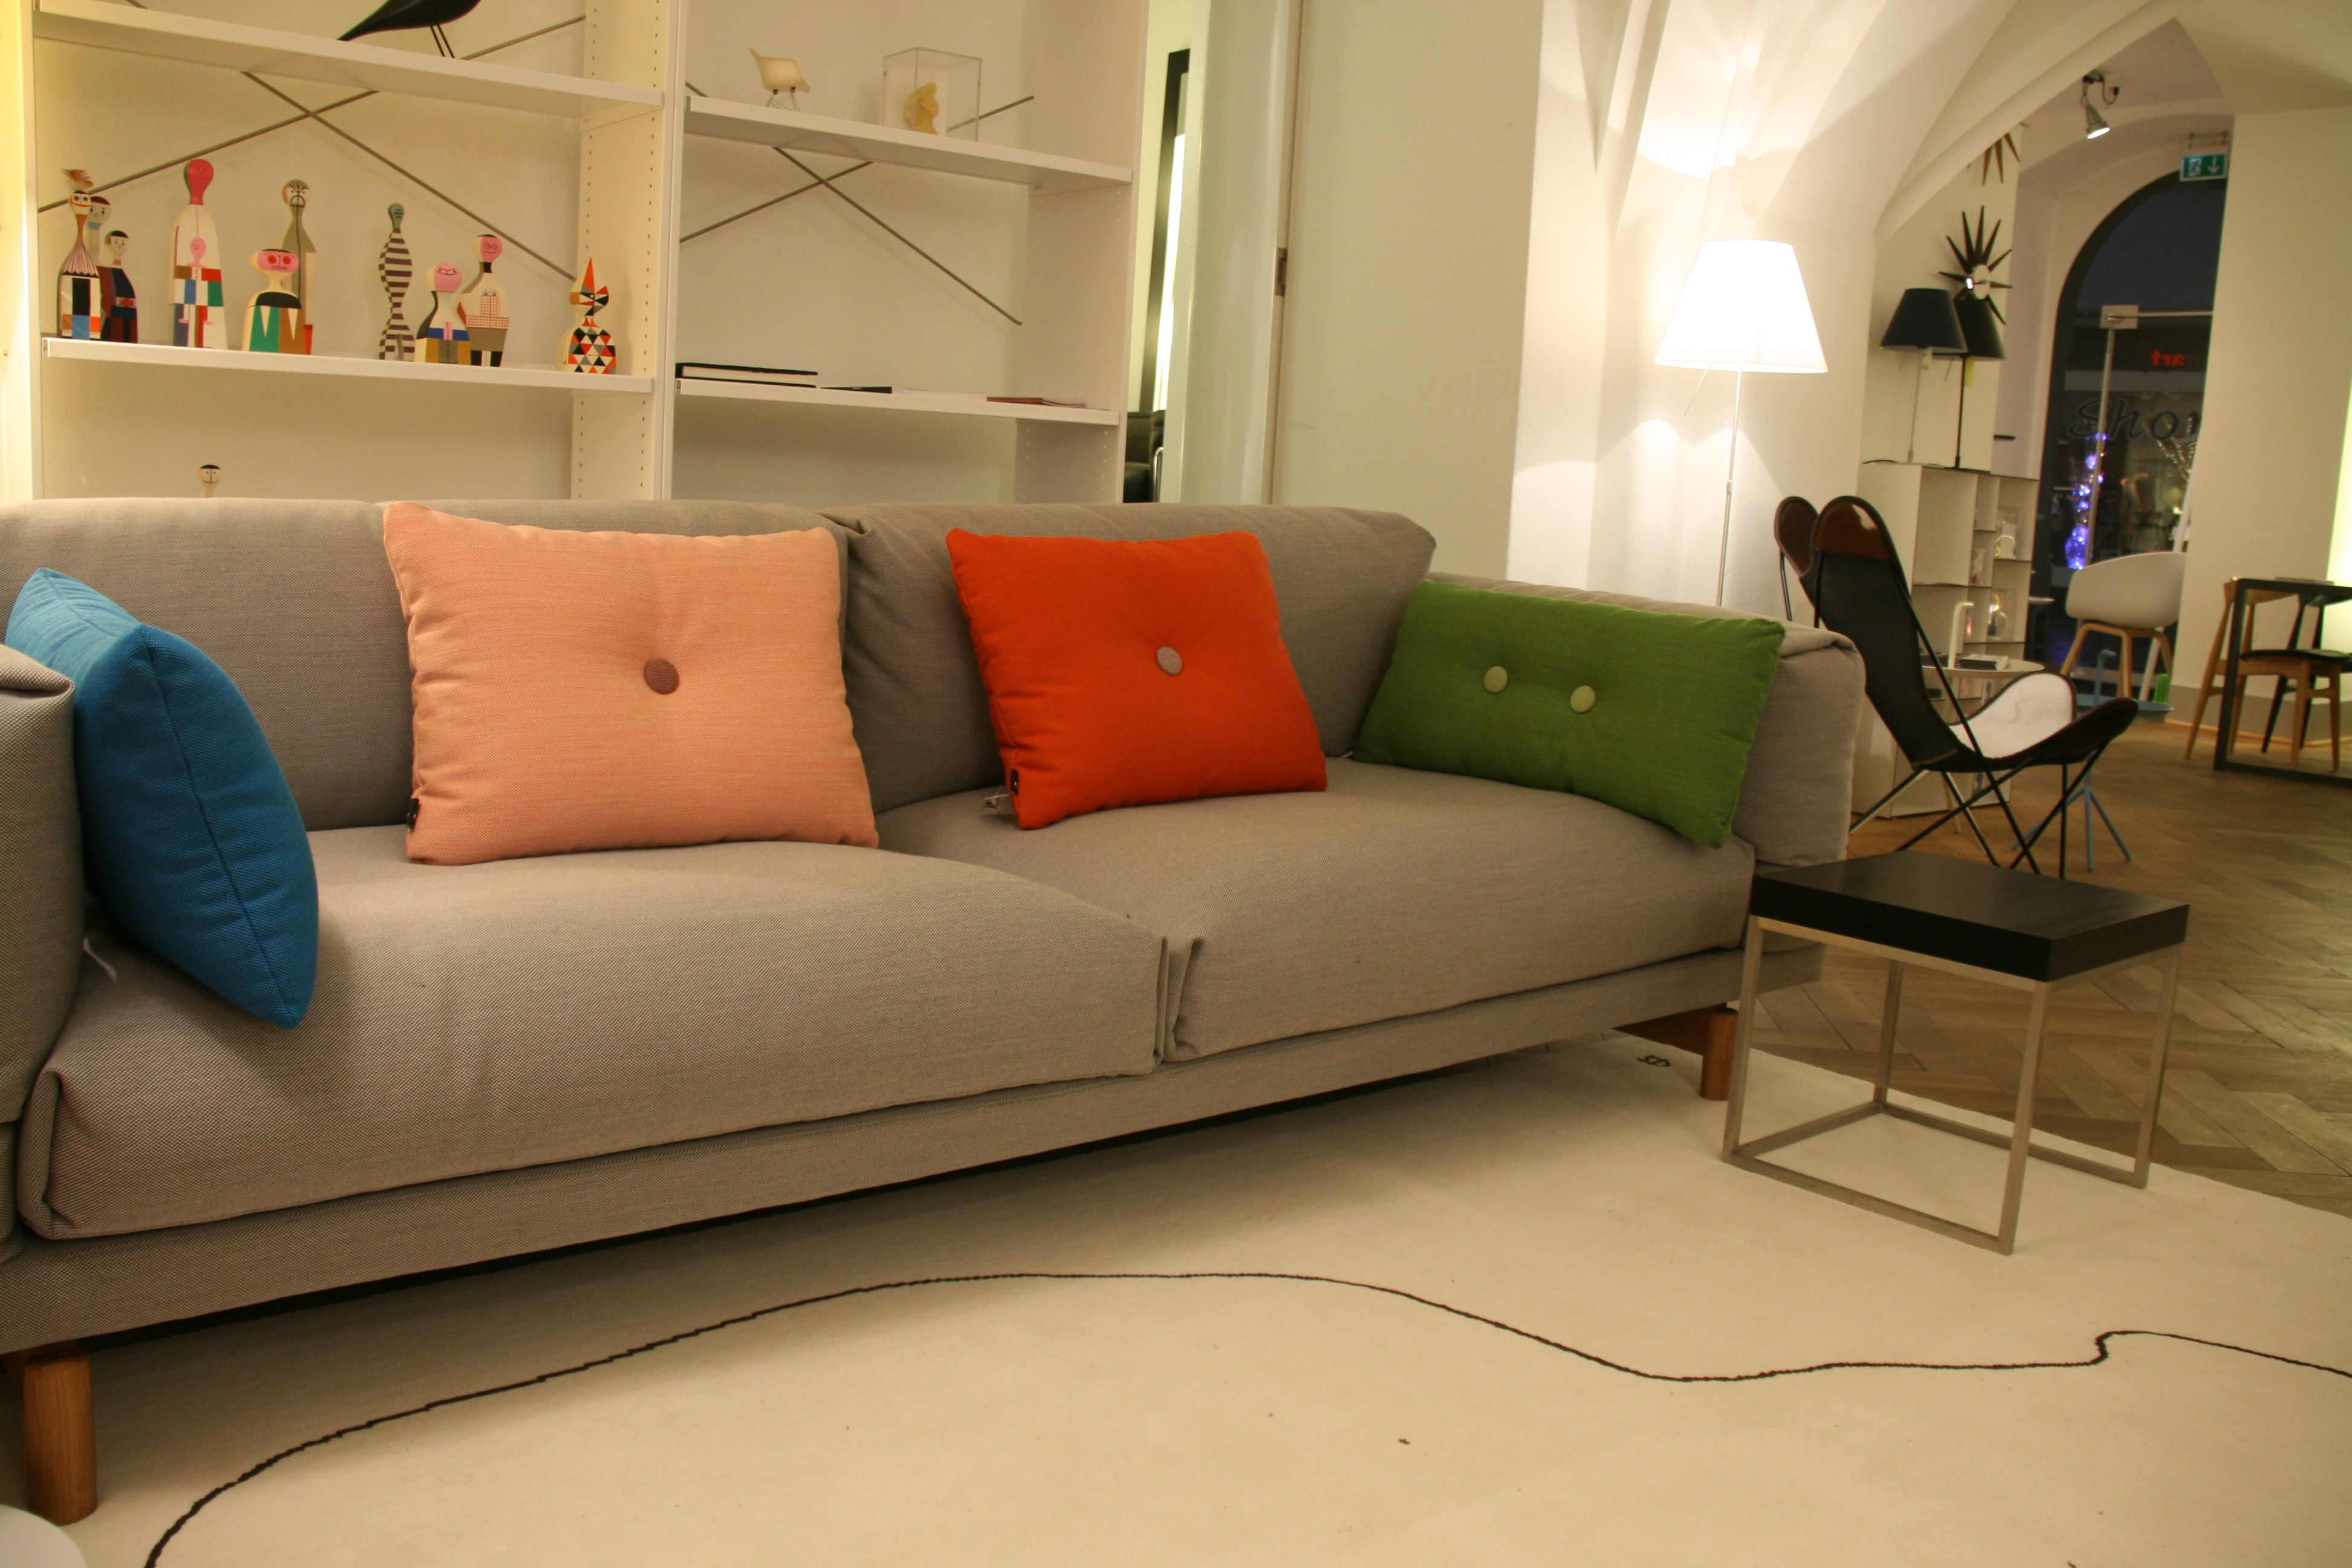 Das Bequeme Muuto Rest Sofa Mit Dot Kissen Von Hay U2013 Beide Mit Hochwertigen  Stoffen Von Kvadrat